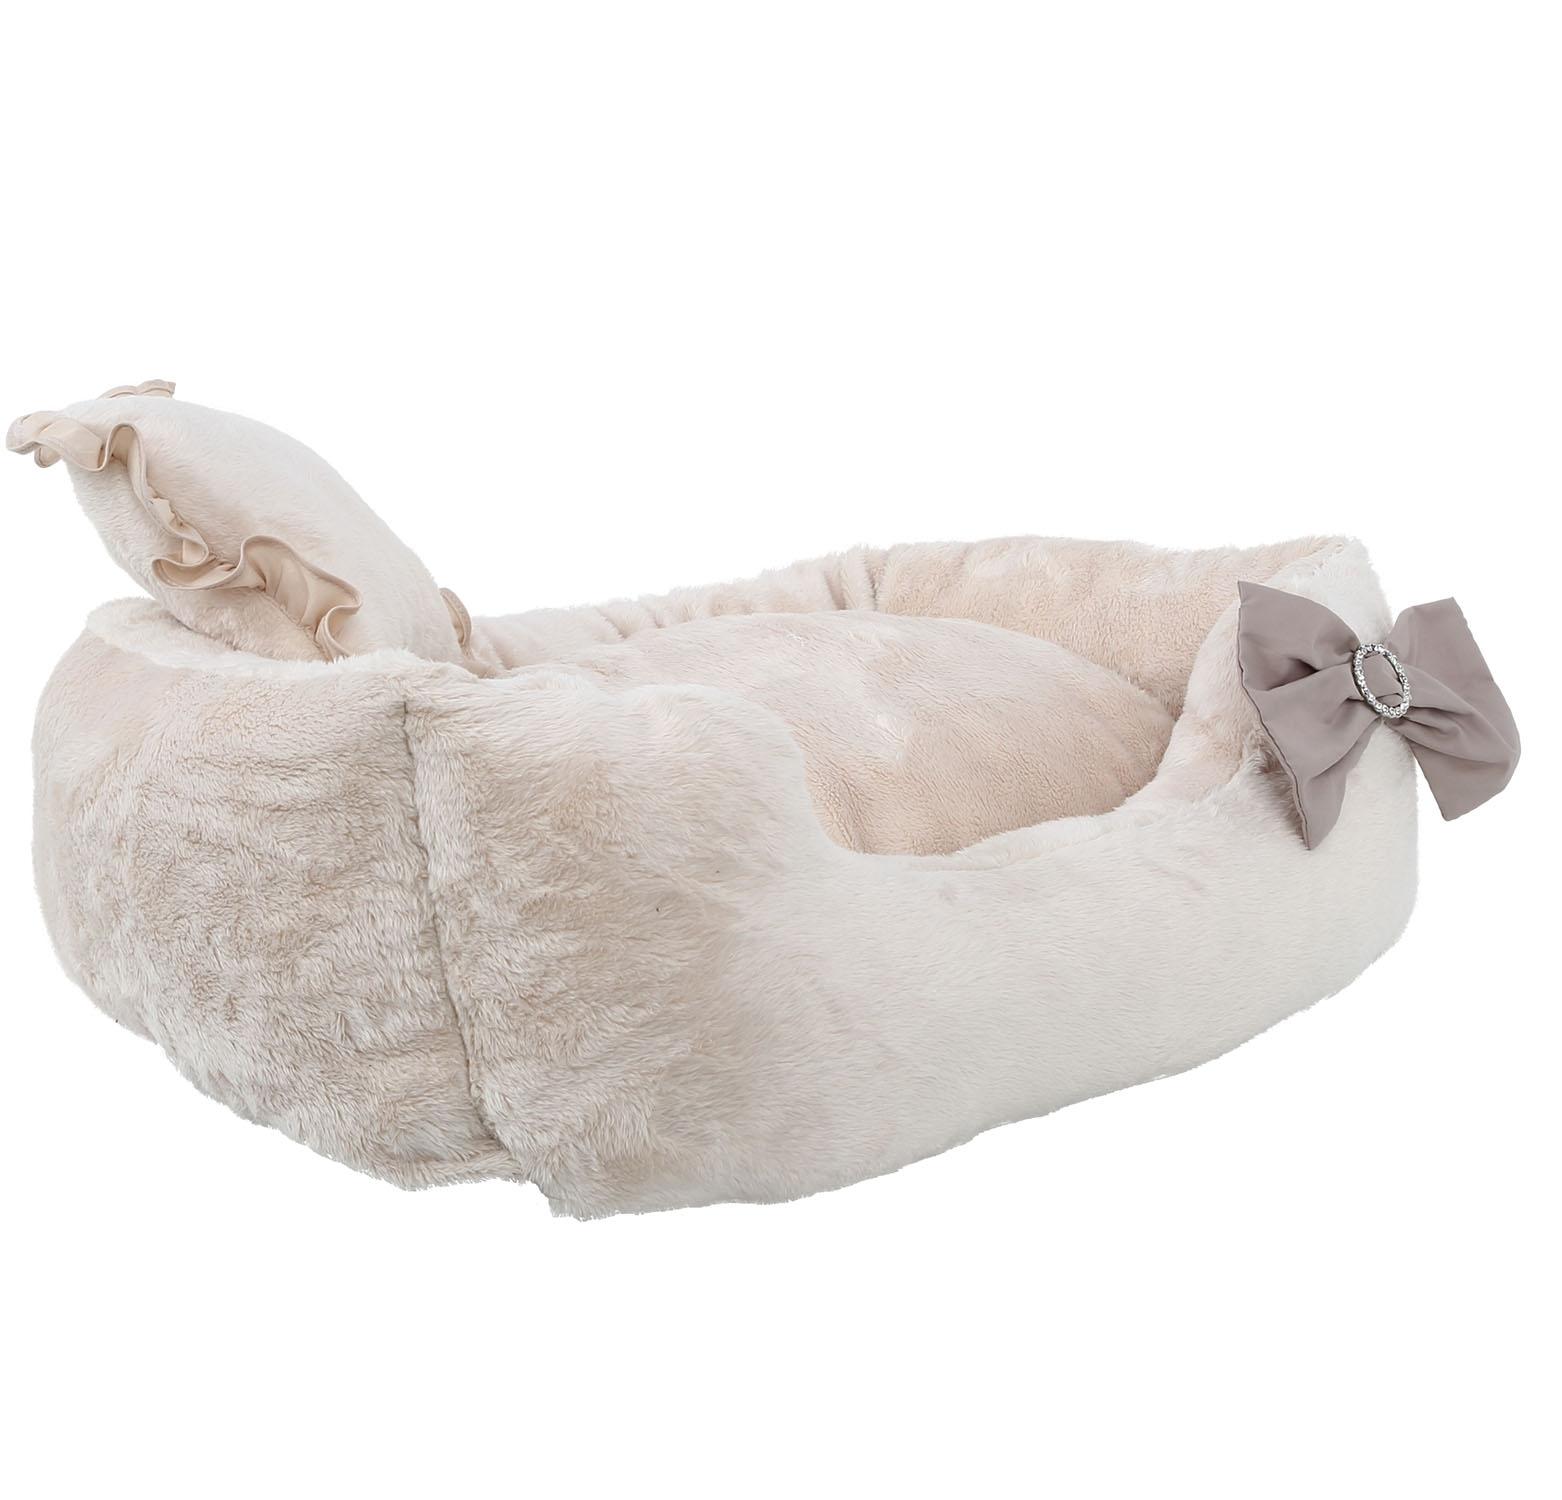 Cozy Bed - Beige